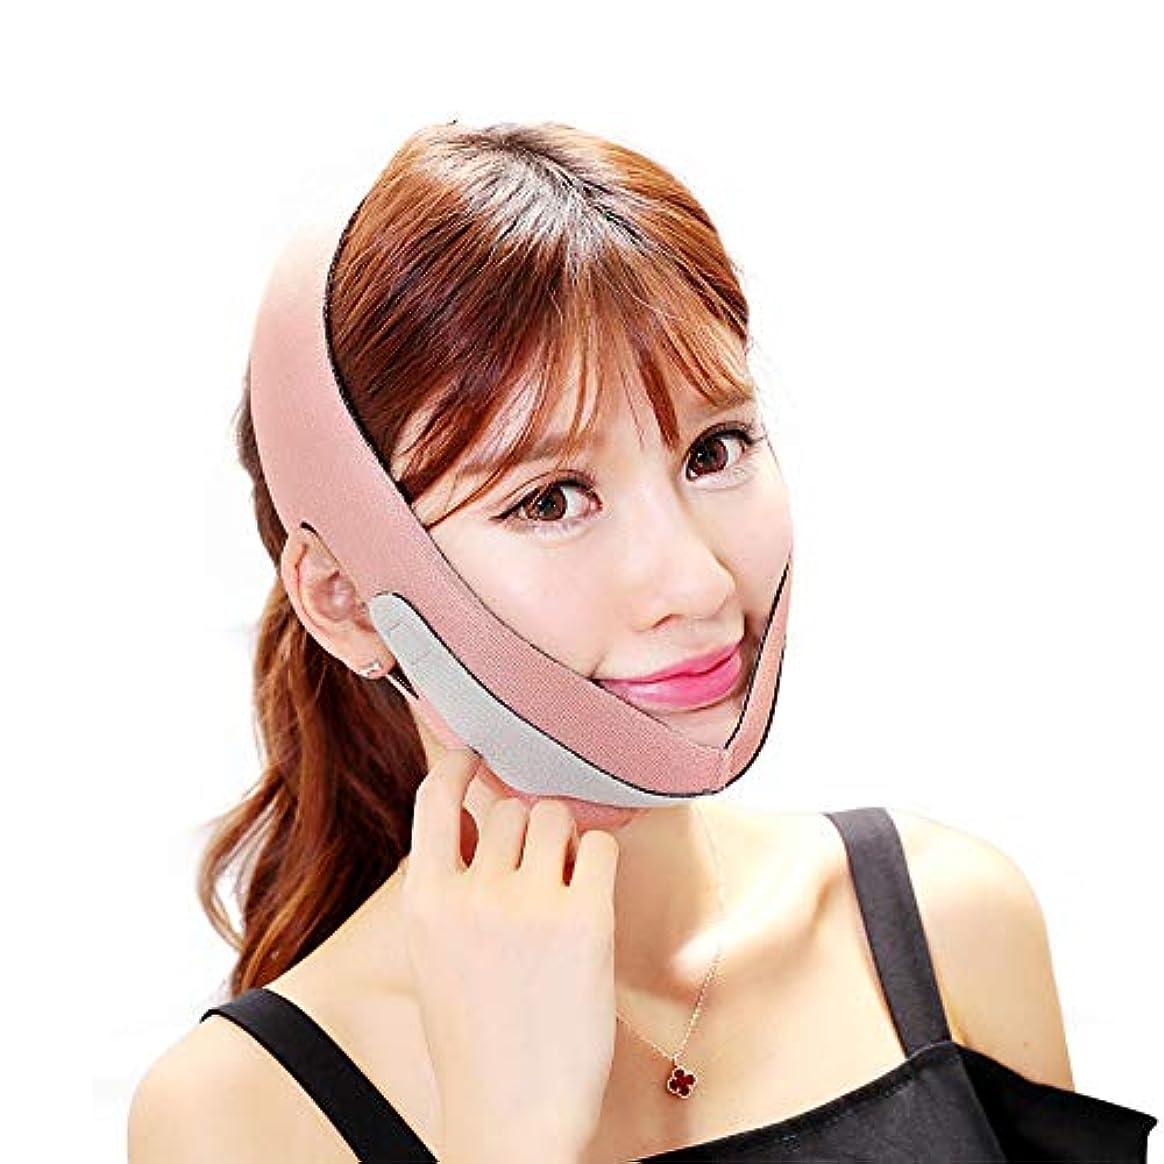 にやにや安らぎキャプチャー【Maveni】小顔 ベルト 美顔 顔痩せ 最新型 リフトアップベルト フェイスマスク メンズ レディース